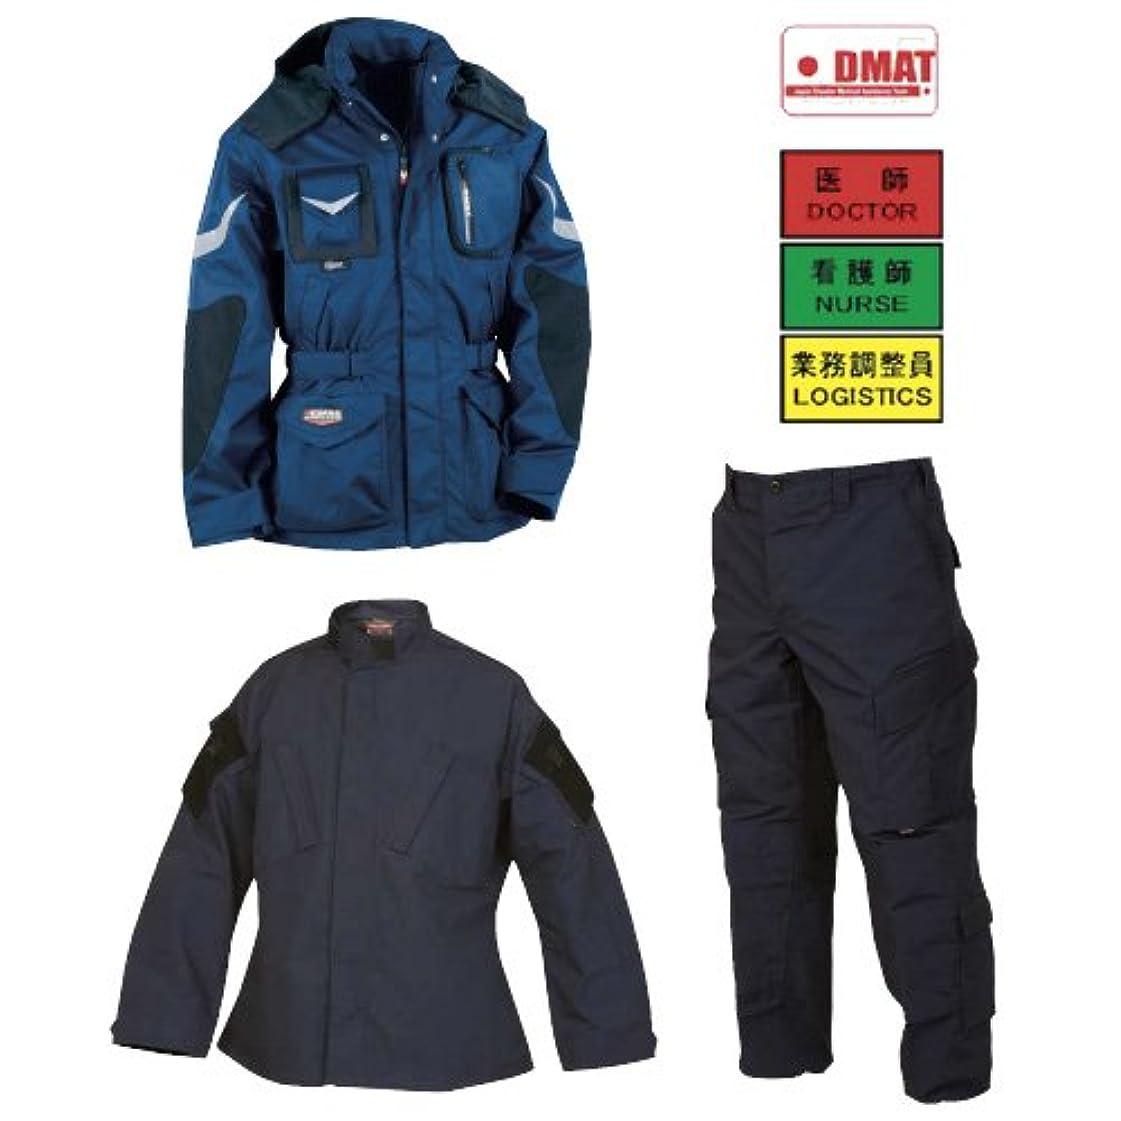 スペクトラム傷跡画像EMSユーティリティシャツ GLS-247S(2L) EMS?????????? ネイビー(23-7533-03-01)【日本特装】[1枚単位]